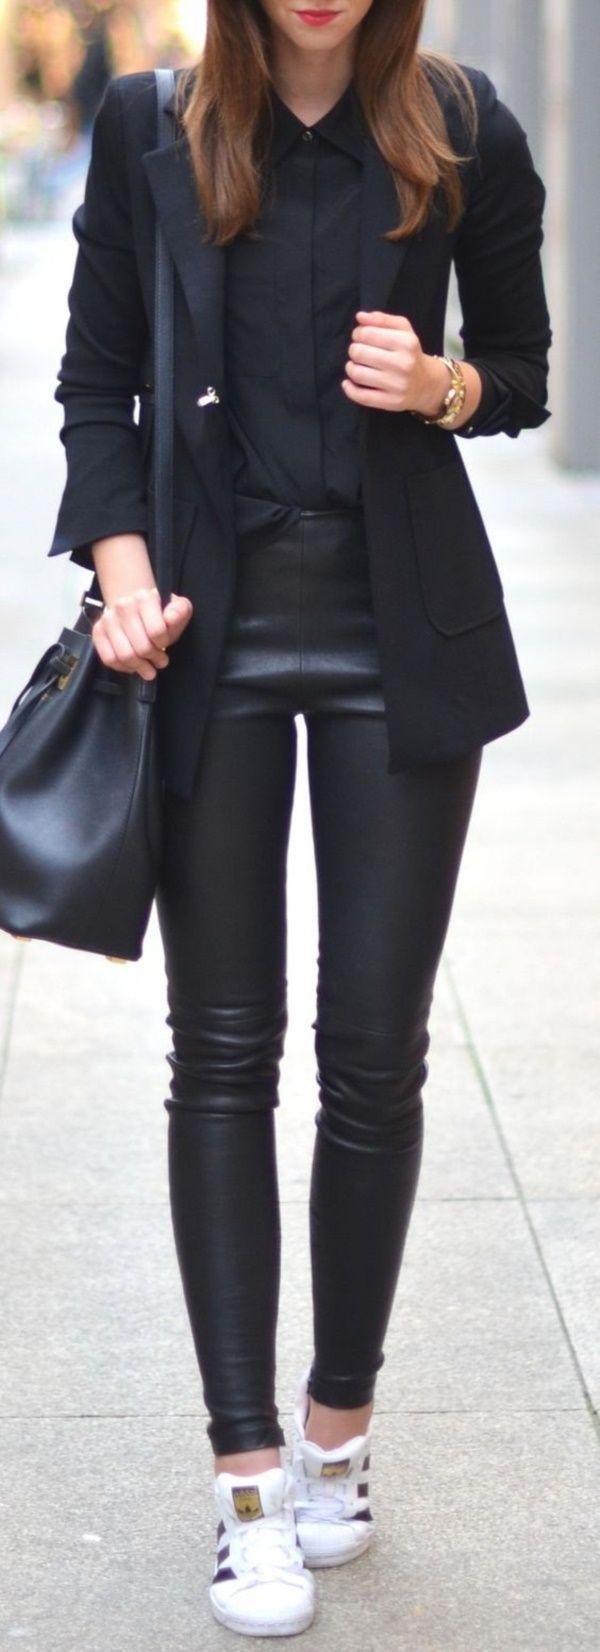 40 Passionate noir sur noir Idées Outfit - filles temps